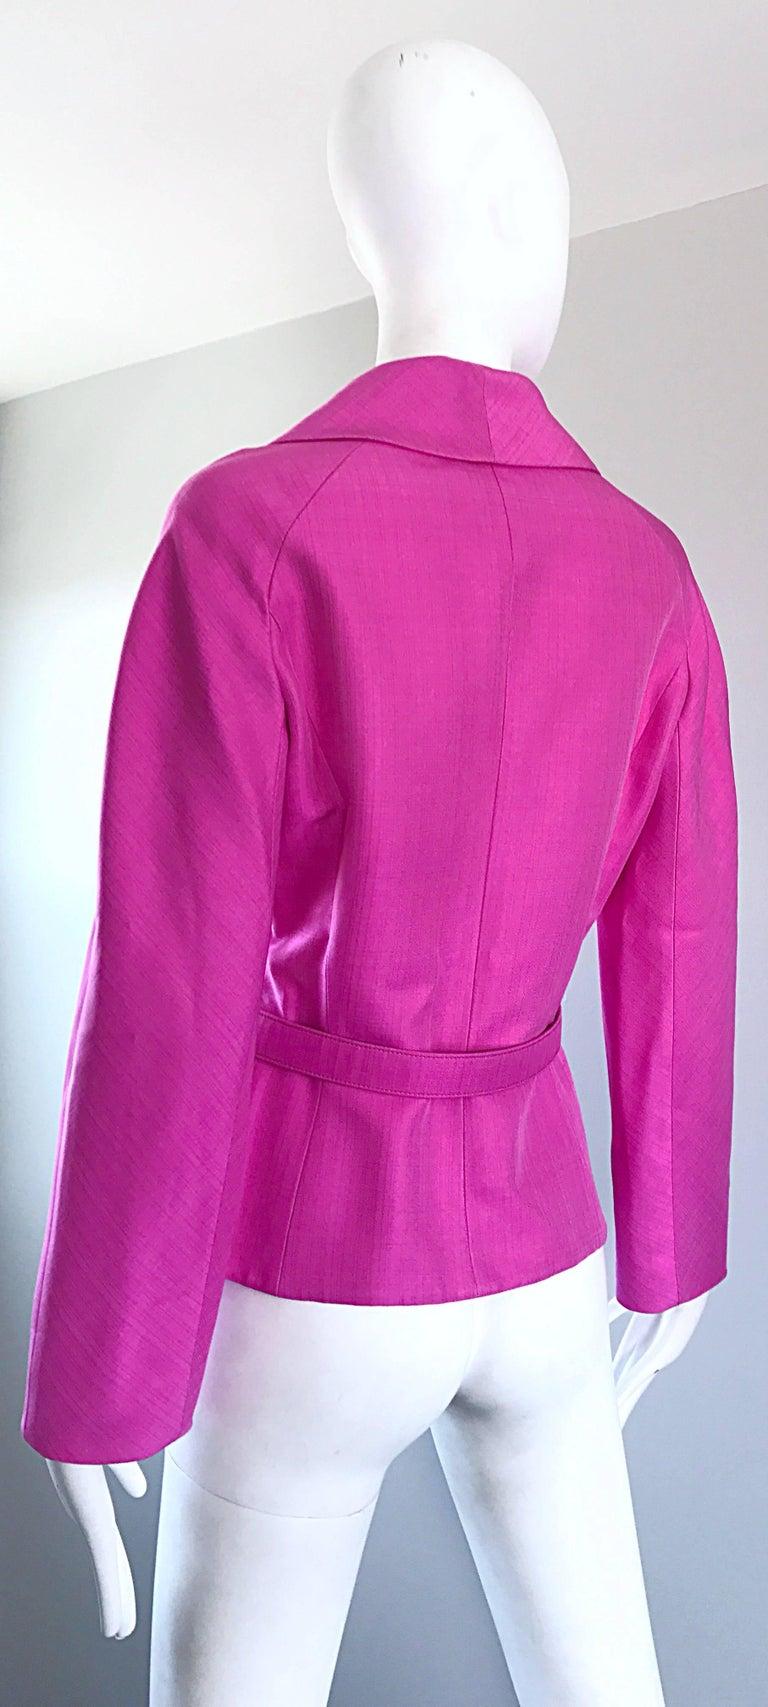 Christian Dior von John Galliano Bubblegum Rosa Seiden Größe 10 Jacke mit Gürtel 8